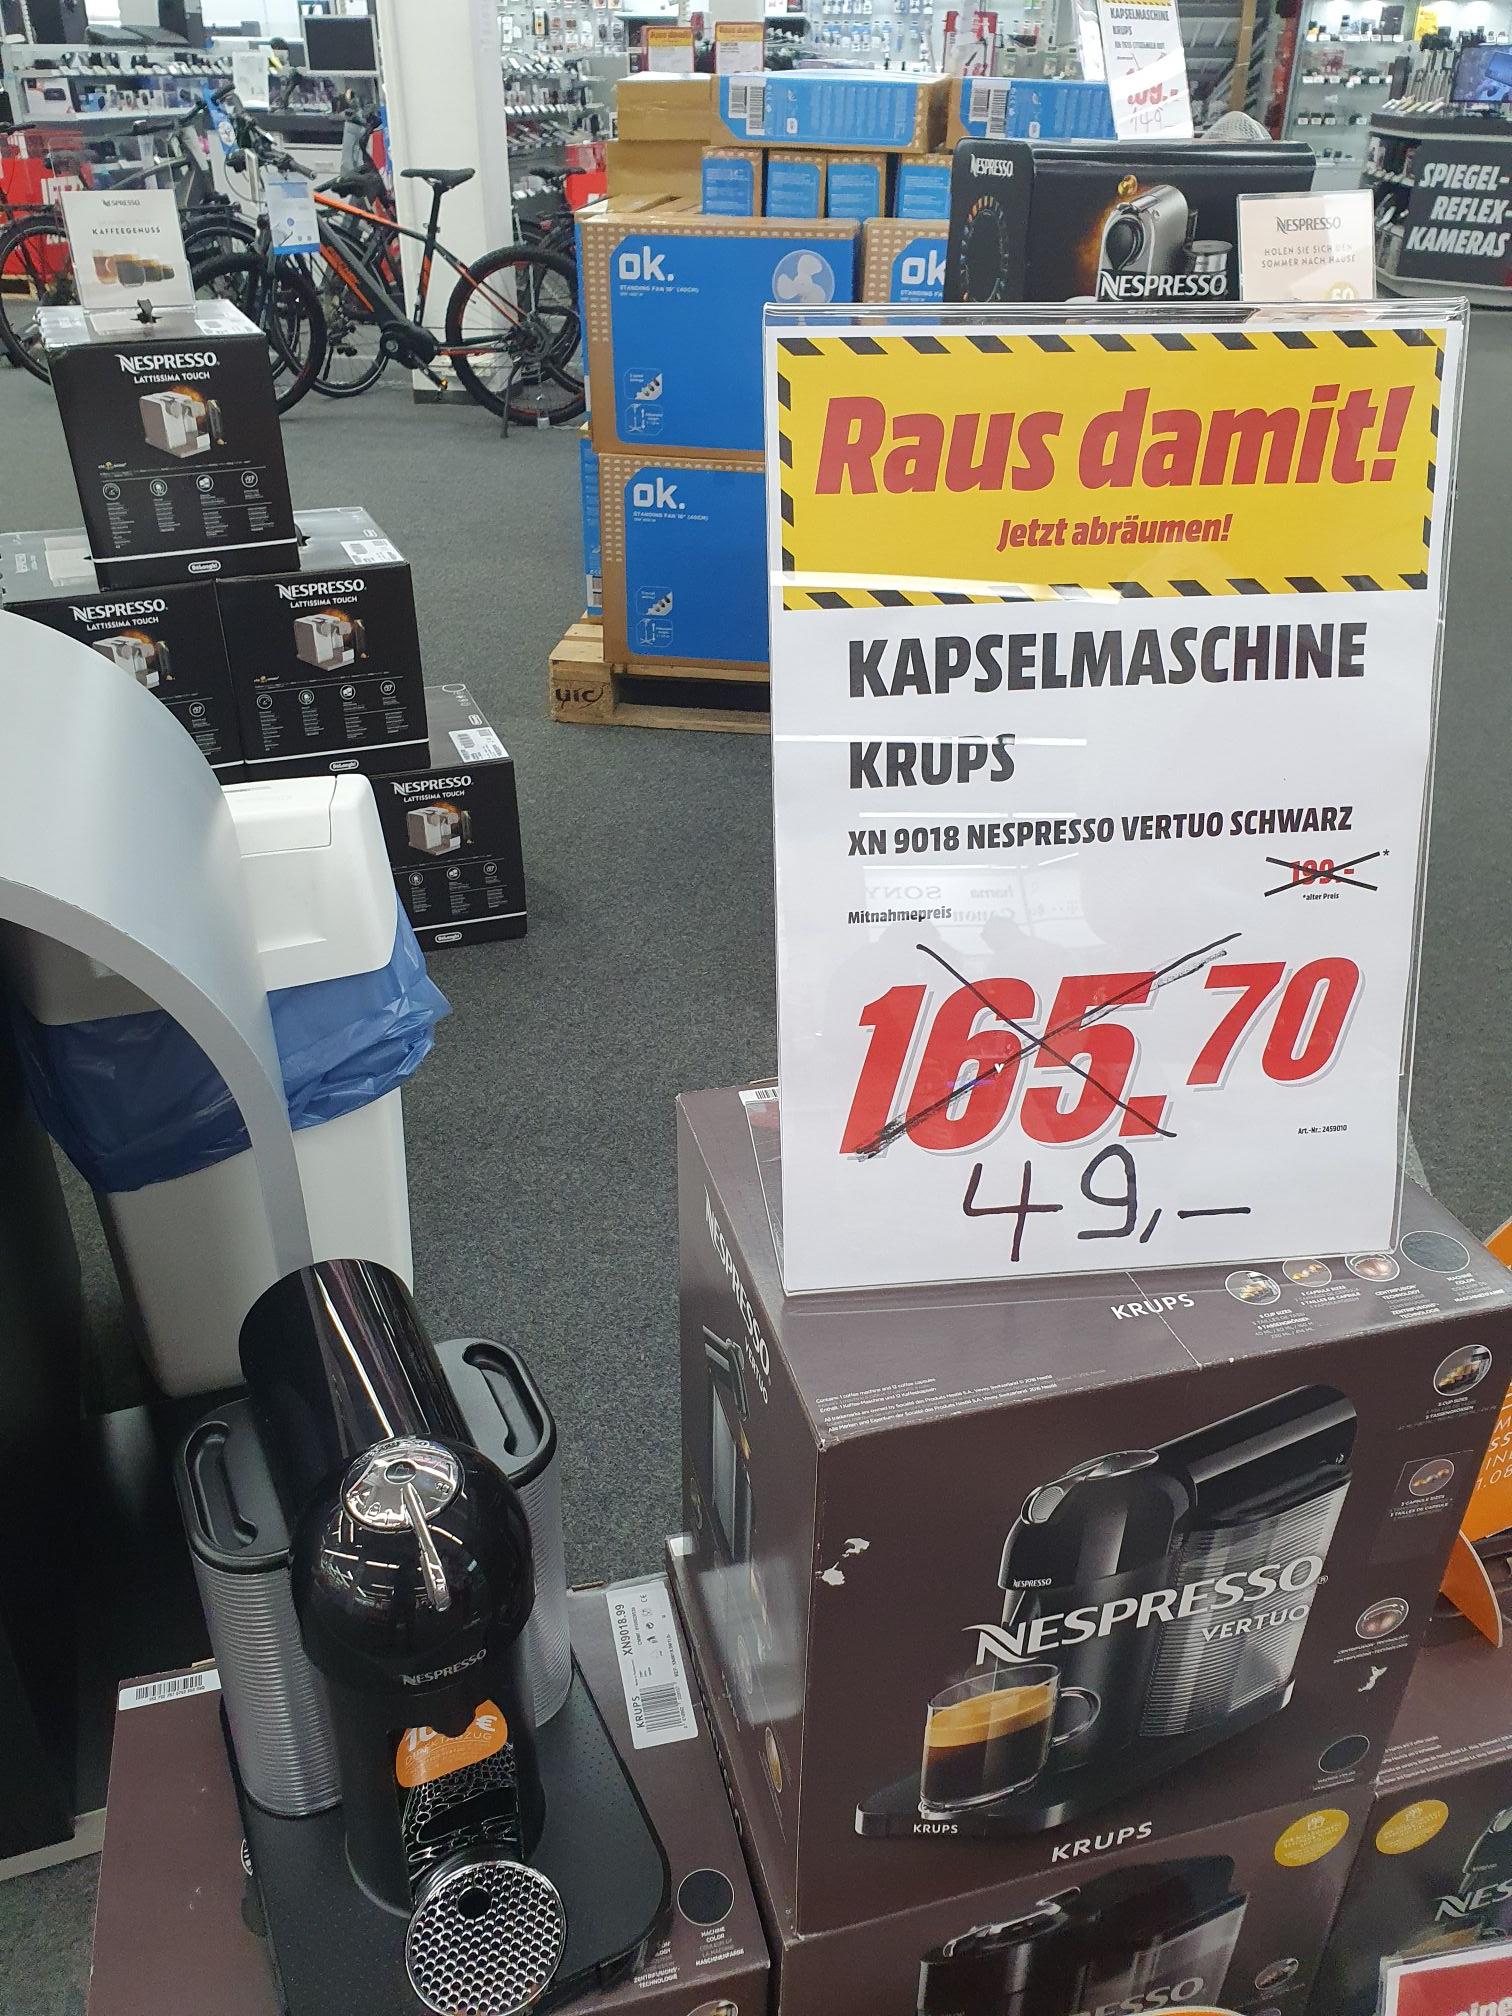 Lokal Mediamarkt Mannheim - Nespresso Vertuo XN9018